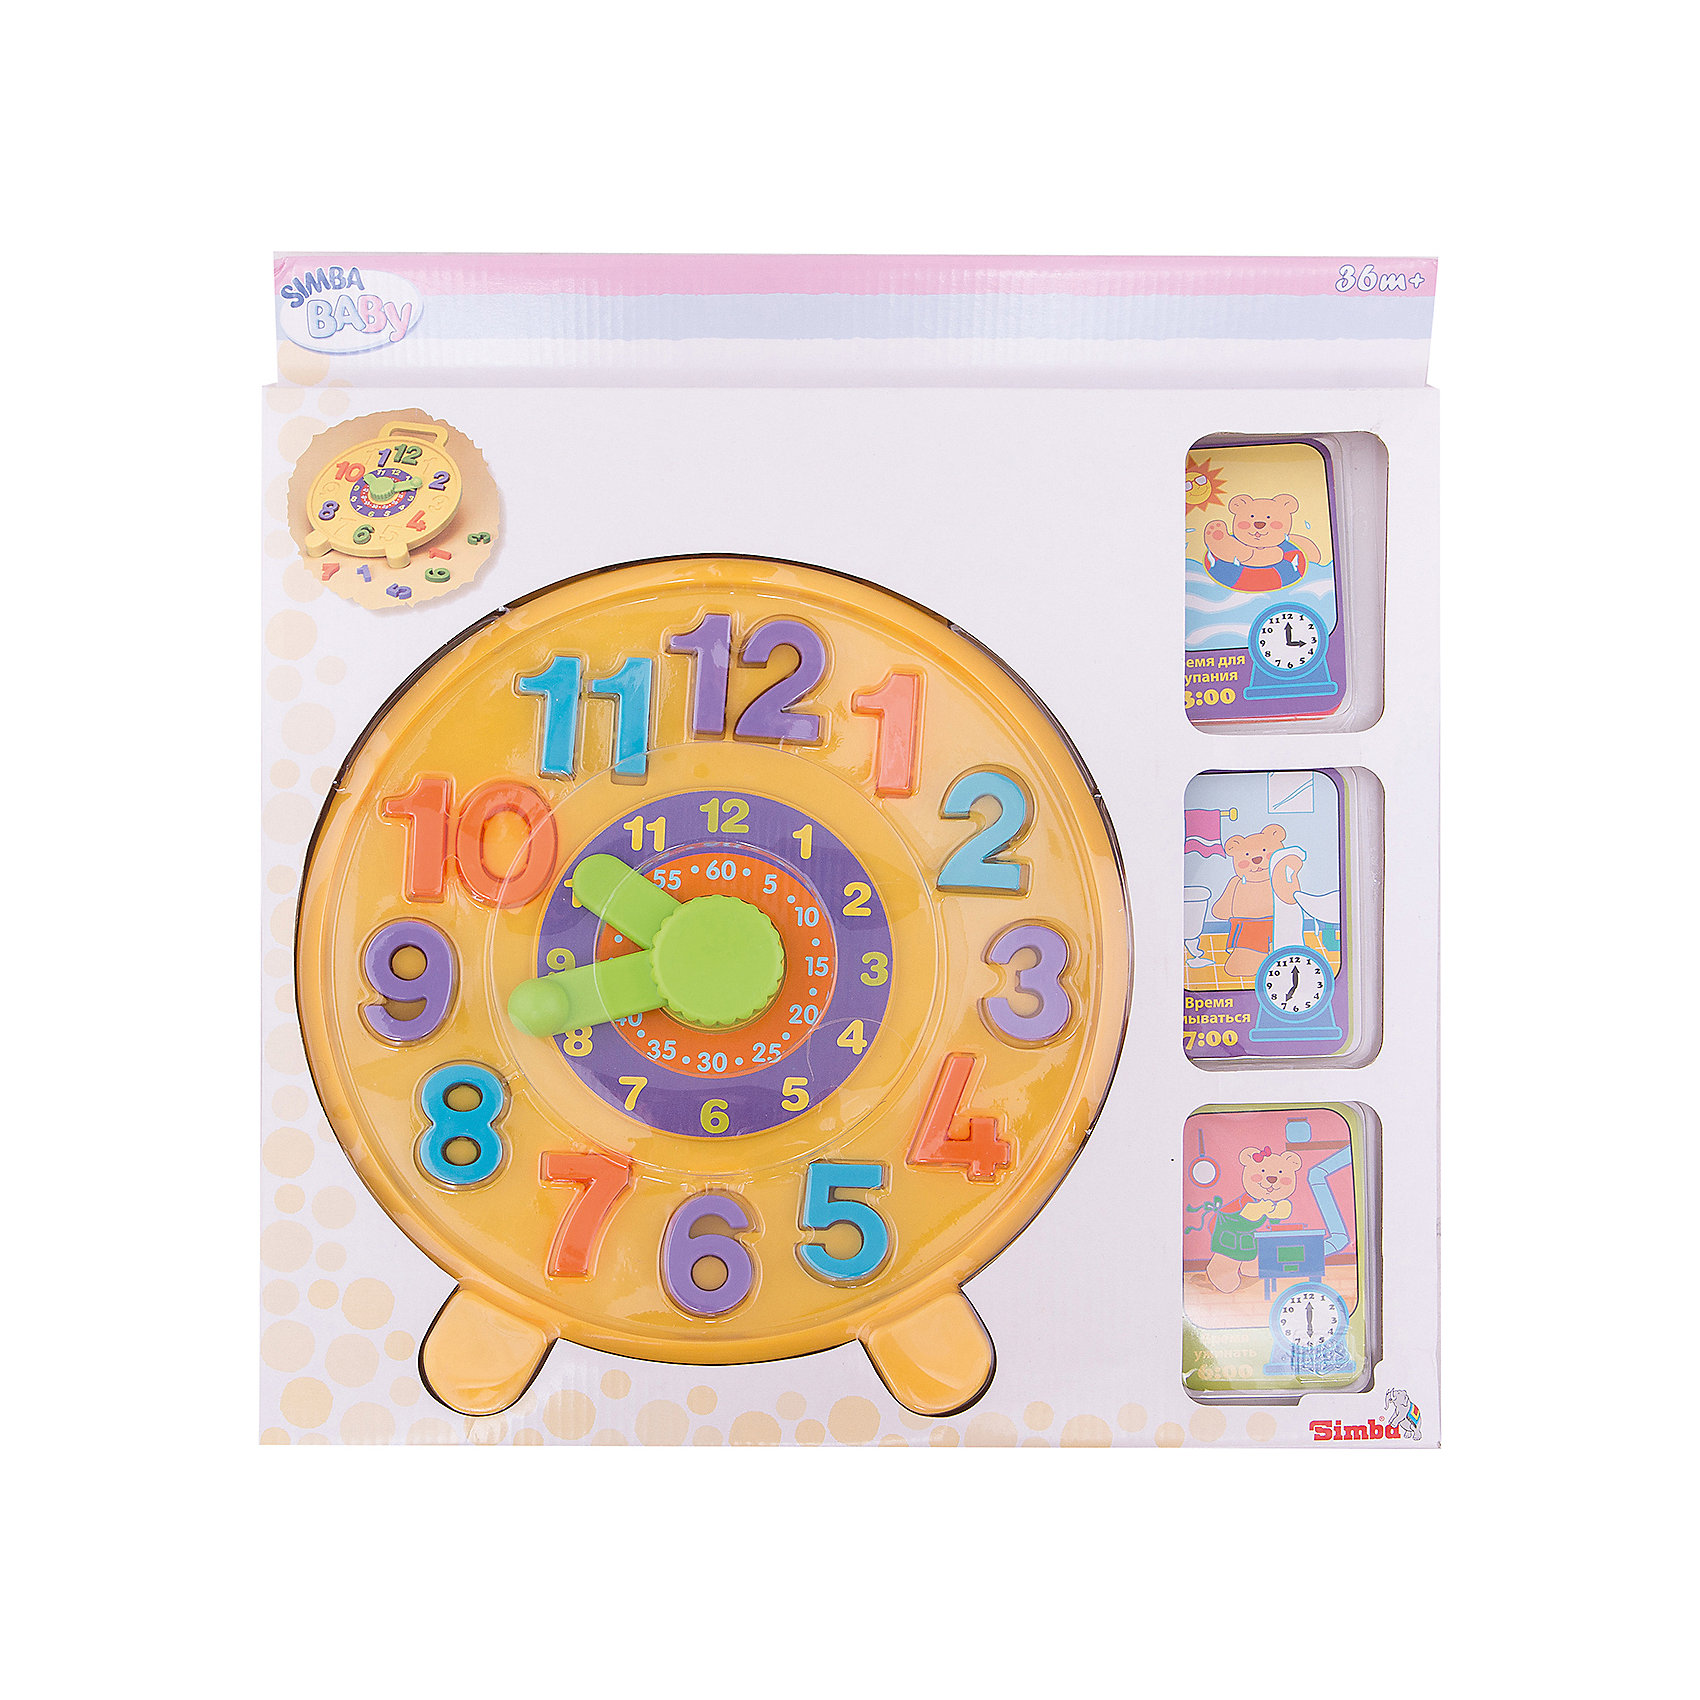 Часики - пазлы, SimbaРазвивающие коврики<br>Характеристики:<br><br>• аксессуары: 12 цифр, 8 карточек;<br>• особенность игрушки: сортер;<br>• материал: картон, пластик;<br>• диаметр часов: 26,5 см;<br>• 40х38х3 см;<br>• вес: 542 г.<br><br>В игровой форме гораздо легче научить малыша ориентироваться по часам. Циферблат с ручкой и стрелочками имеет отверстия, в которые вставляются цифры. Ребенок изучит цифры, действия с ними, научится правильно расставлять цифры от 1 до 12. Карточки с заданиями предлагают малышу изобразить стрелочками, который сейчас час. <br><br>Часики - пазлы, Simba можно купить в нашем магазине.<br><br>Ширина мм: 380<br>Глубина мм: 30<br>Высота мм: 400<br>Вес г: 429<br>Возраст от месяцев: 12<br>Возраст до месяцев: 48<br>Пол: Унисекс<br>Возраст: Детский<br>SKU: 2261027